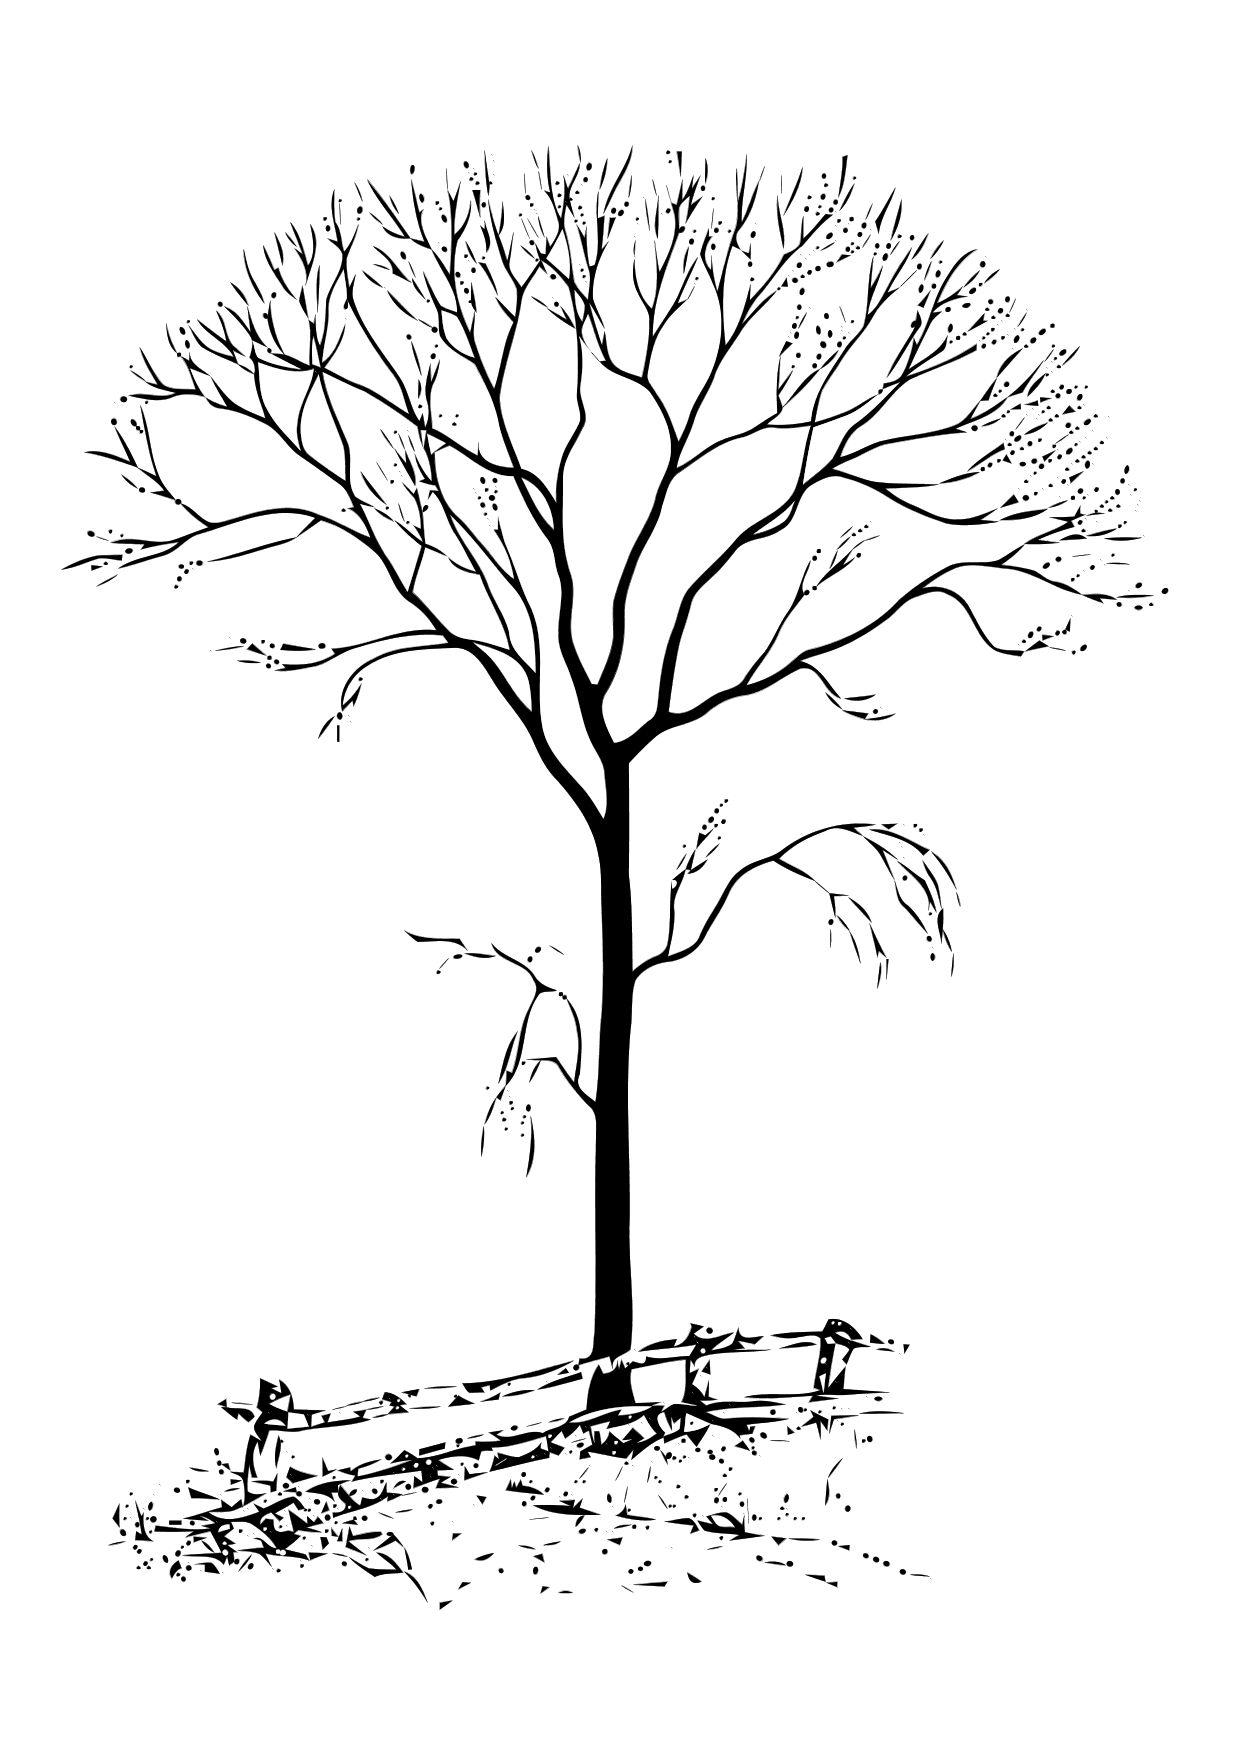 1240x1750 Tree